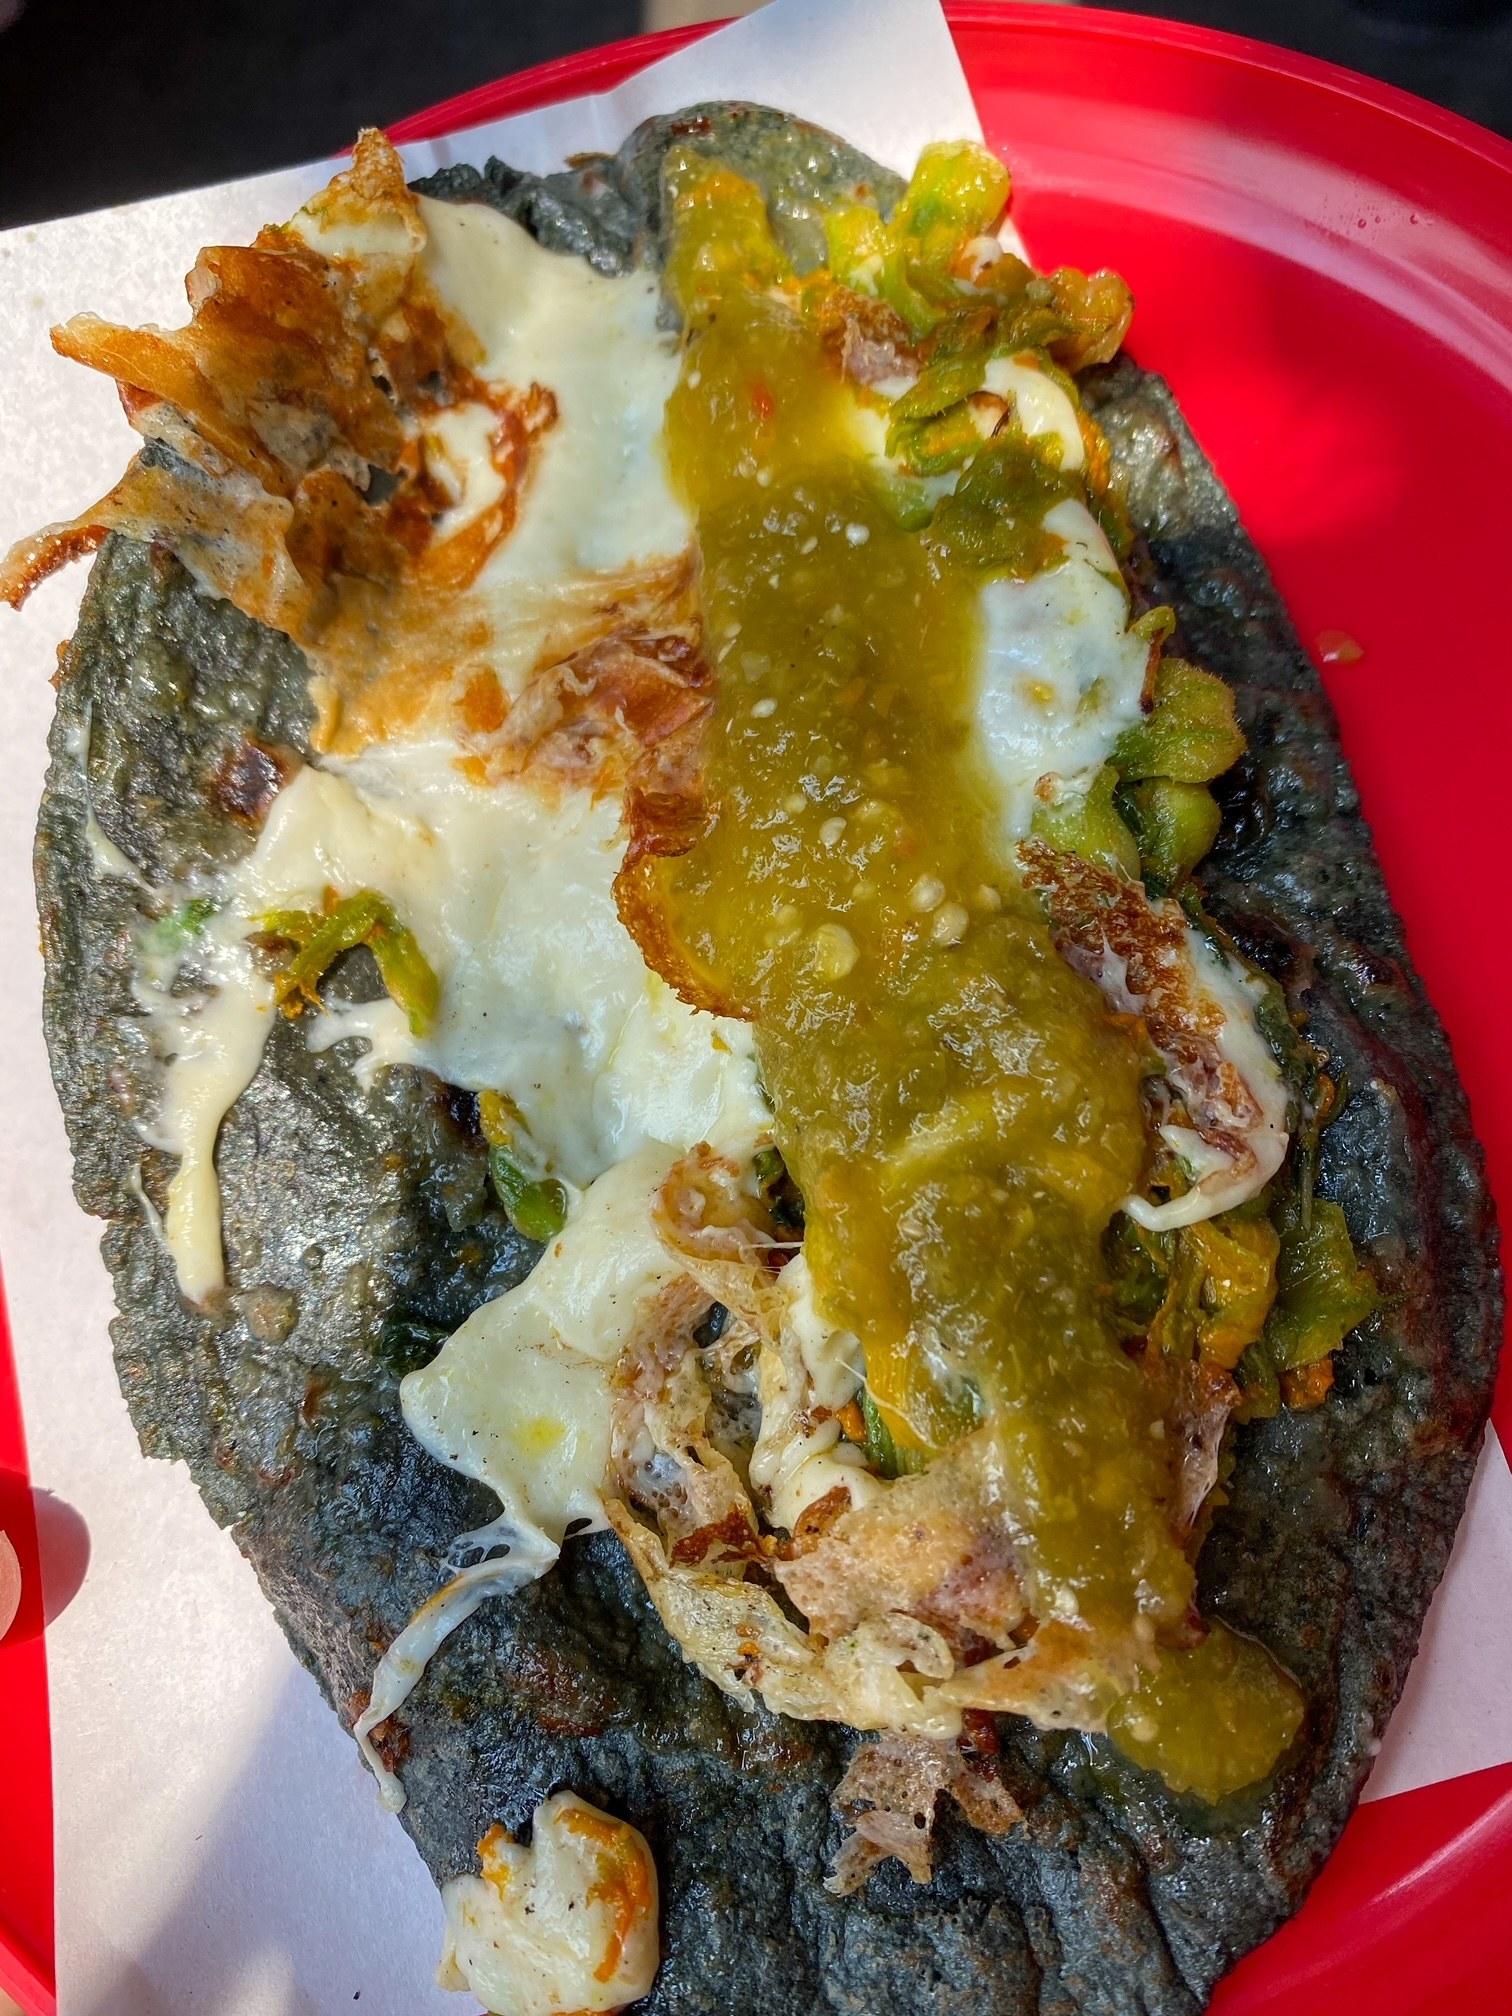 A street quesadilla from Jenni's.